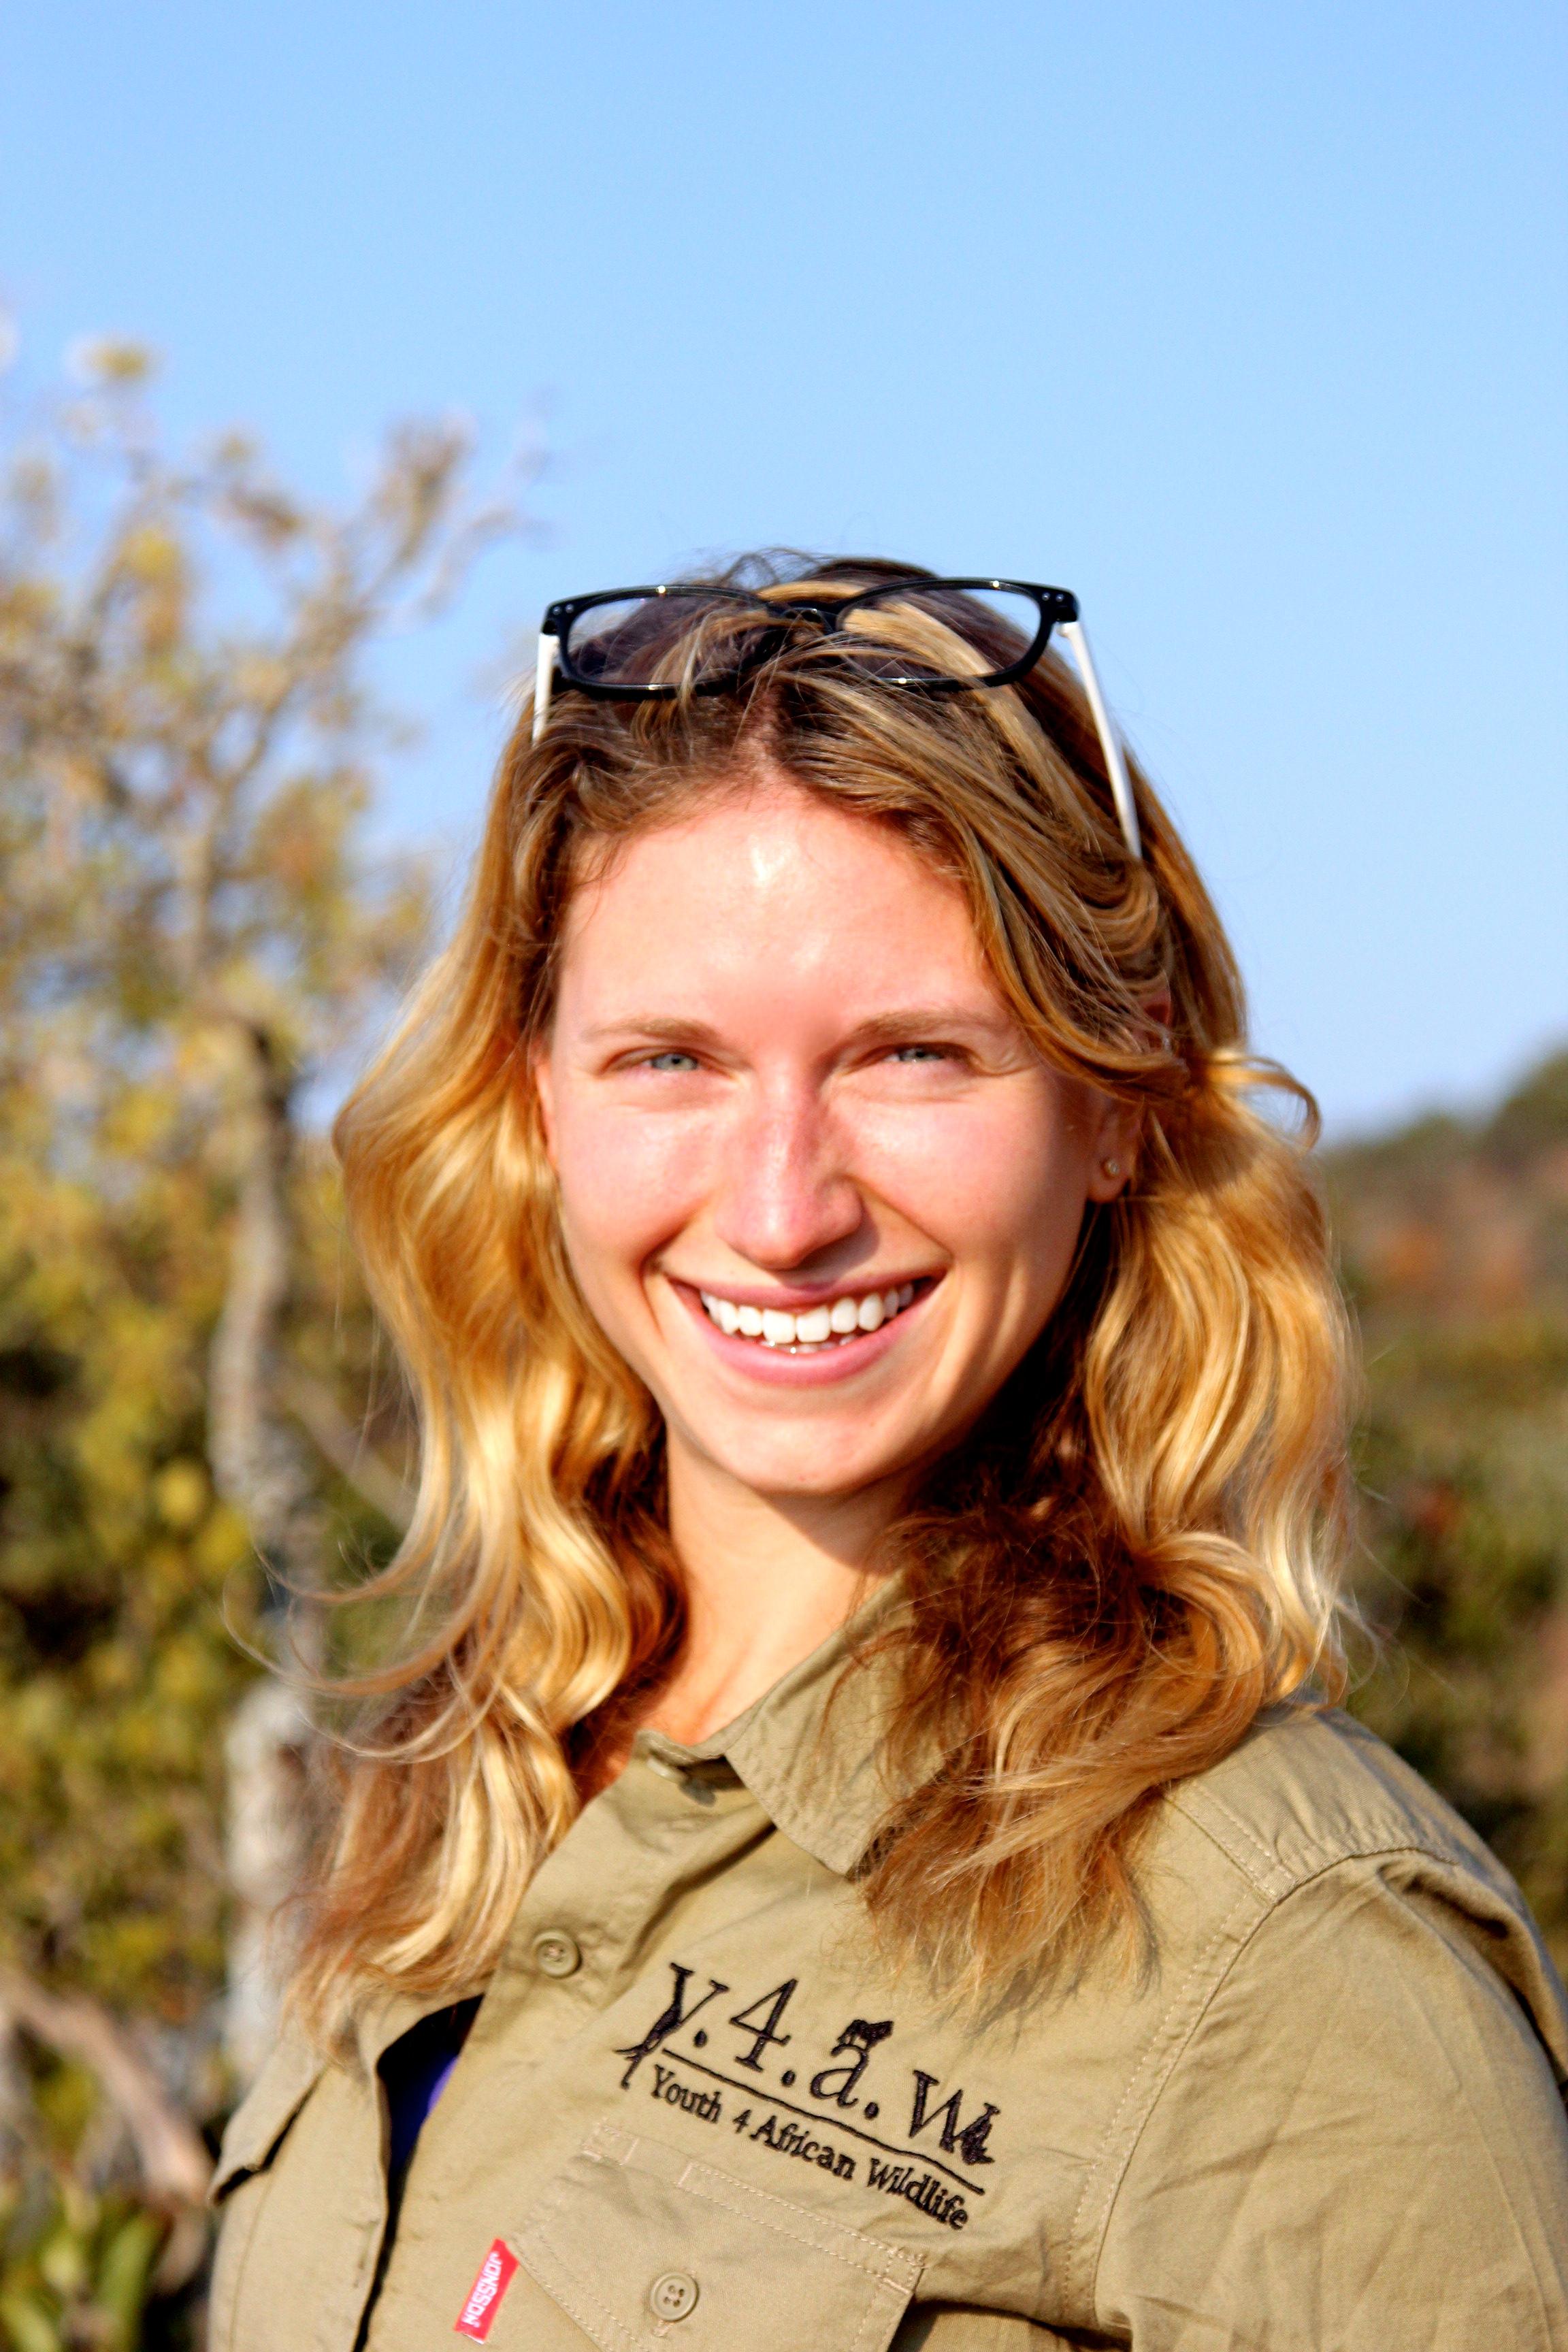 Kate Ochsman